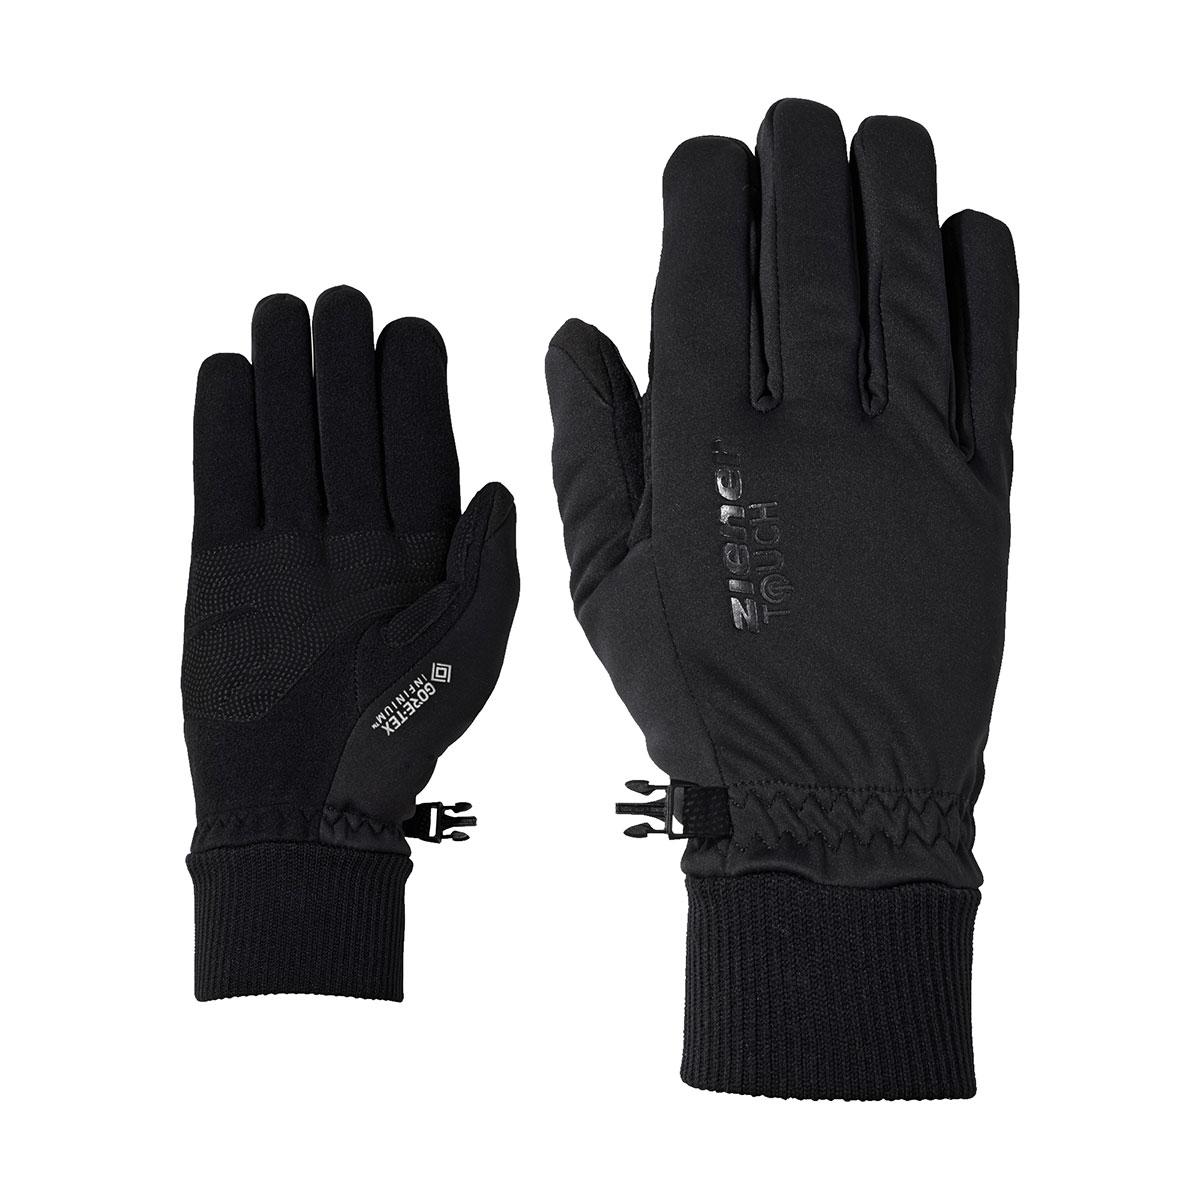 Ziener Herren Italian Gws Touch Glove Multisport Handschuh